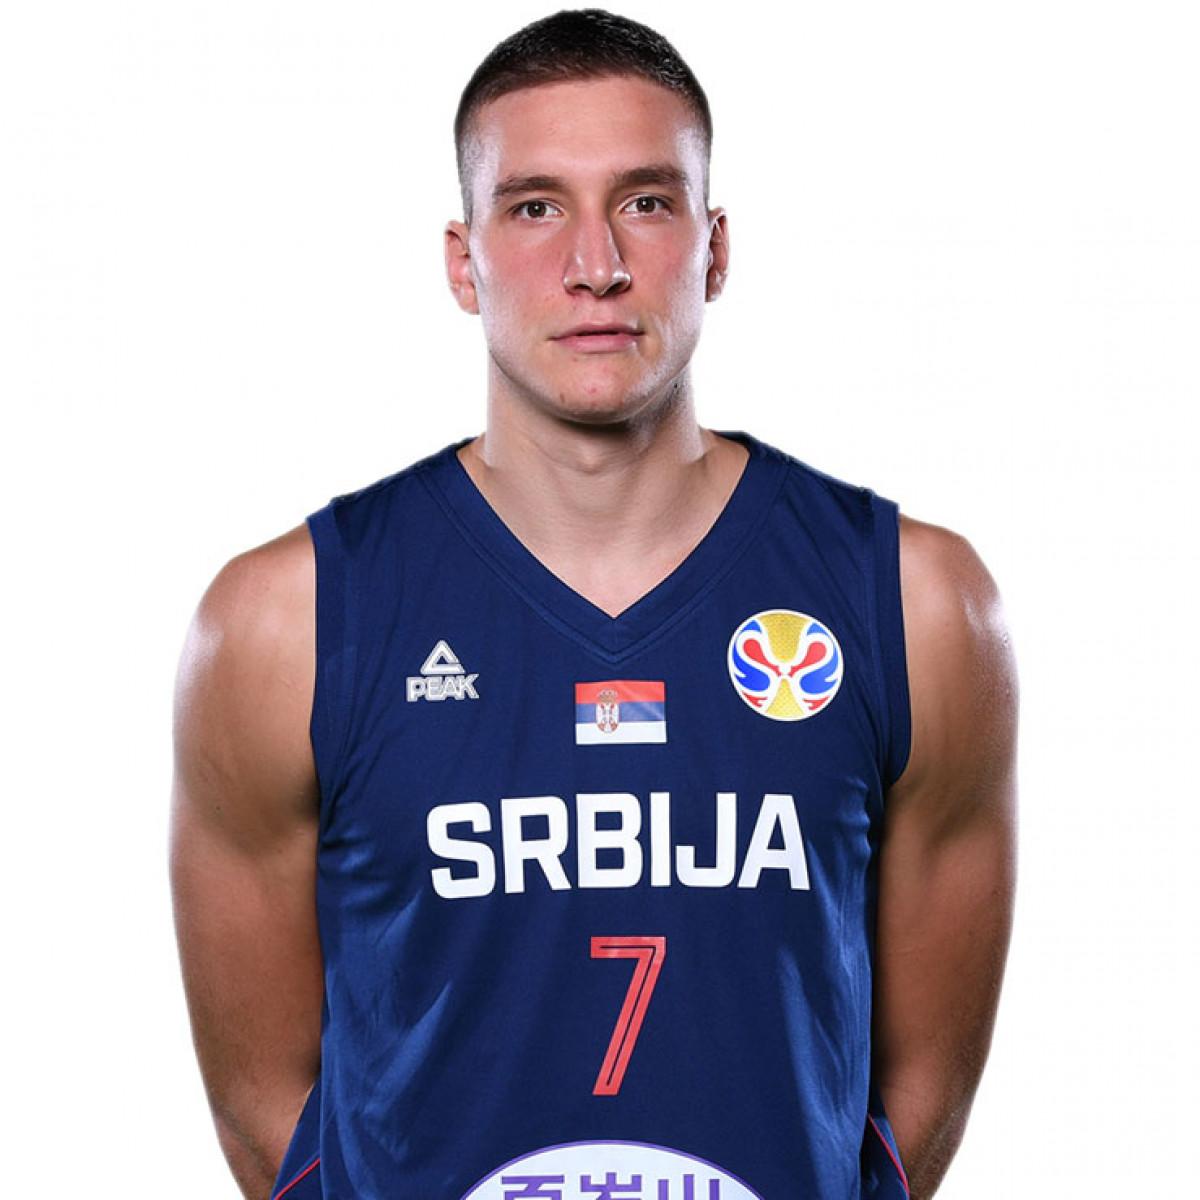 Photo of Bogdan Bogdanovic, 2019-2020 season